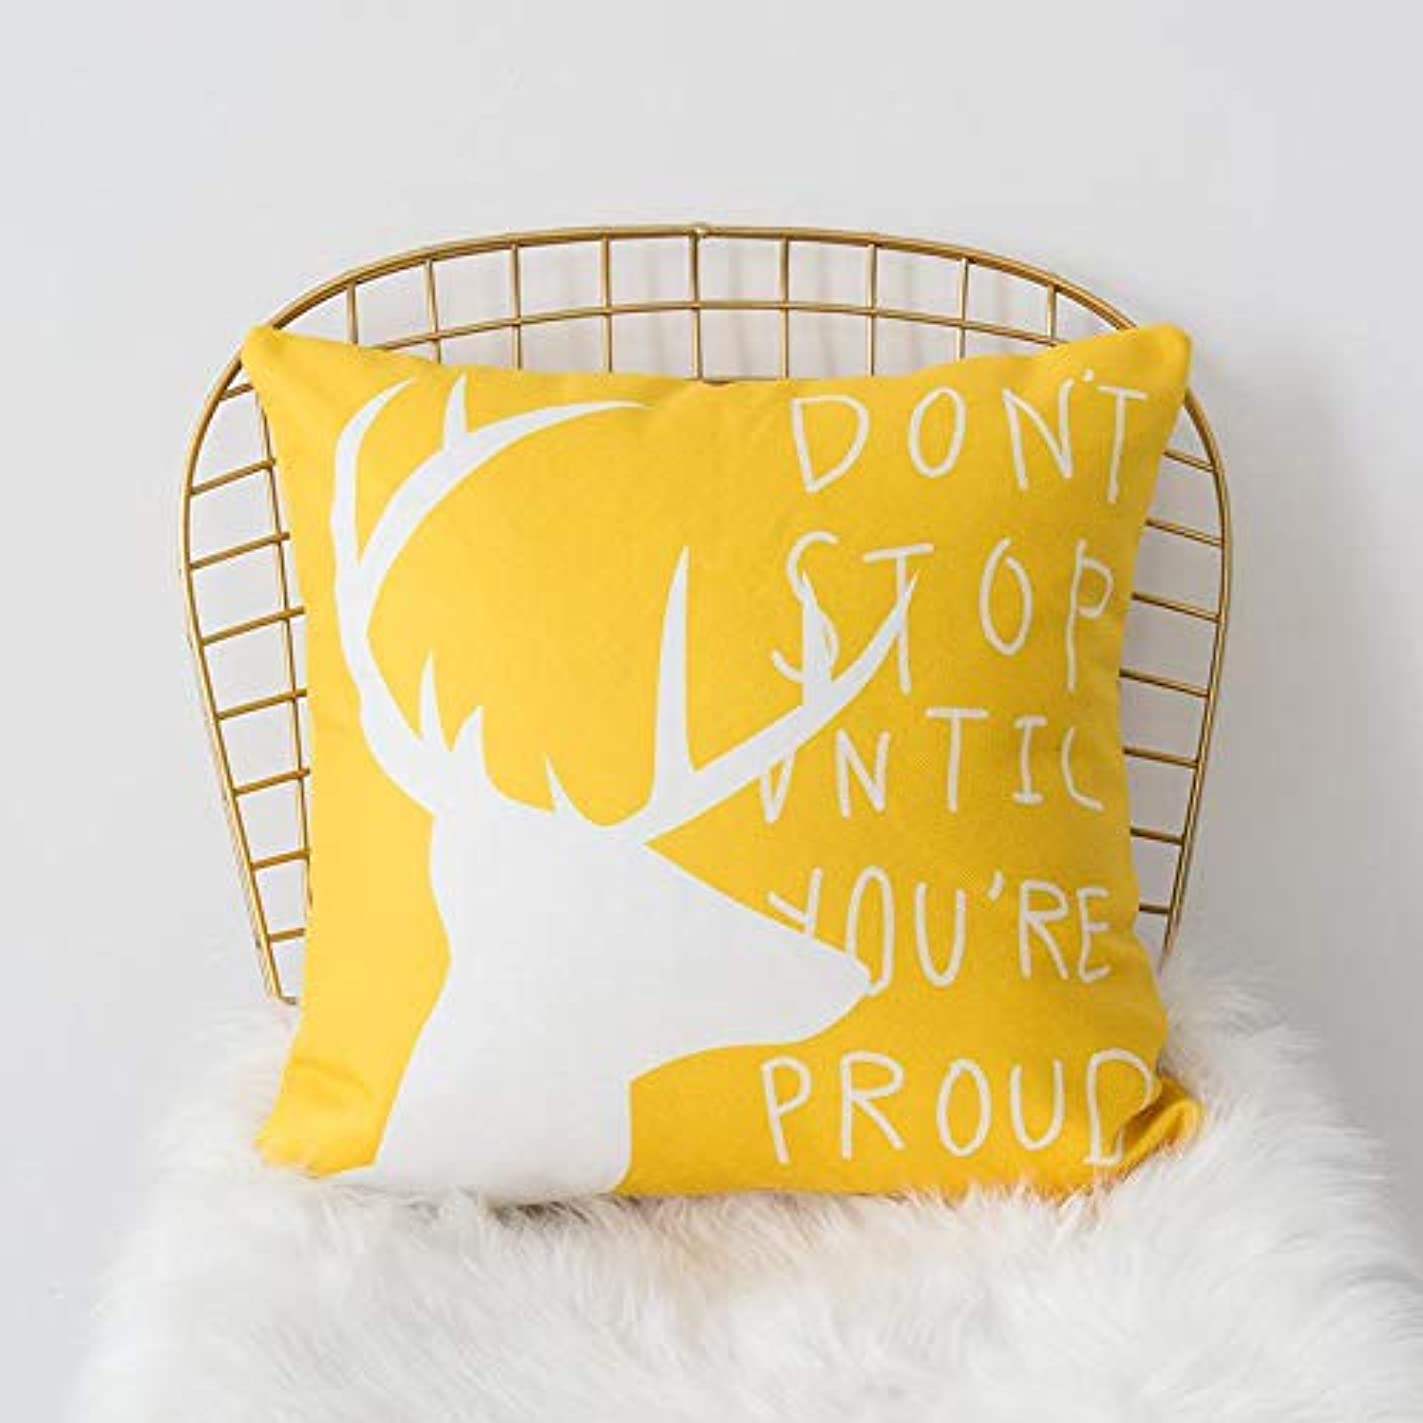 虚弱廊下ガチョウSMART 黄色グレー枕北欧スタイル黄色ヘラジカ幾何枕リビングルームのインテリアソファクッション Cojines 装飾良質 クッション 椅子